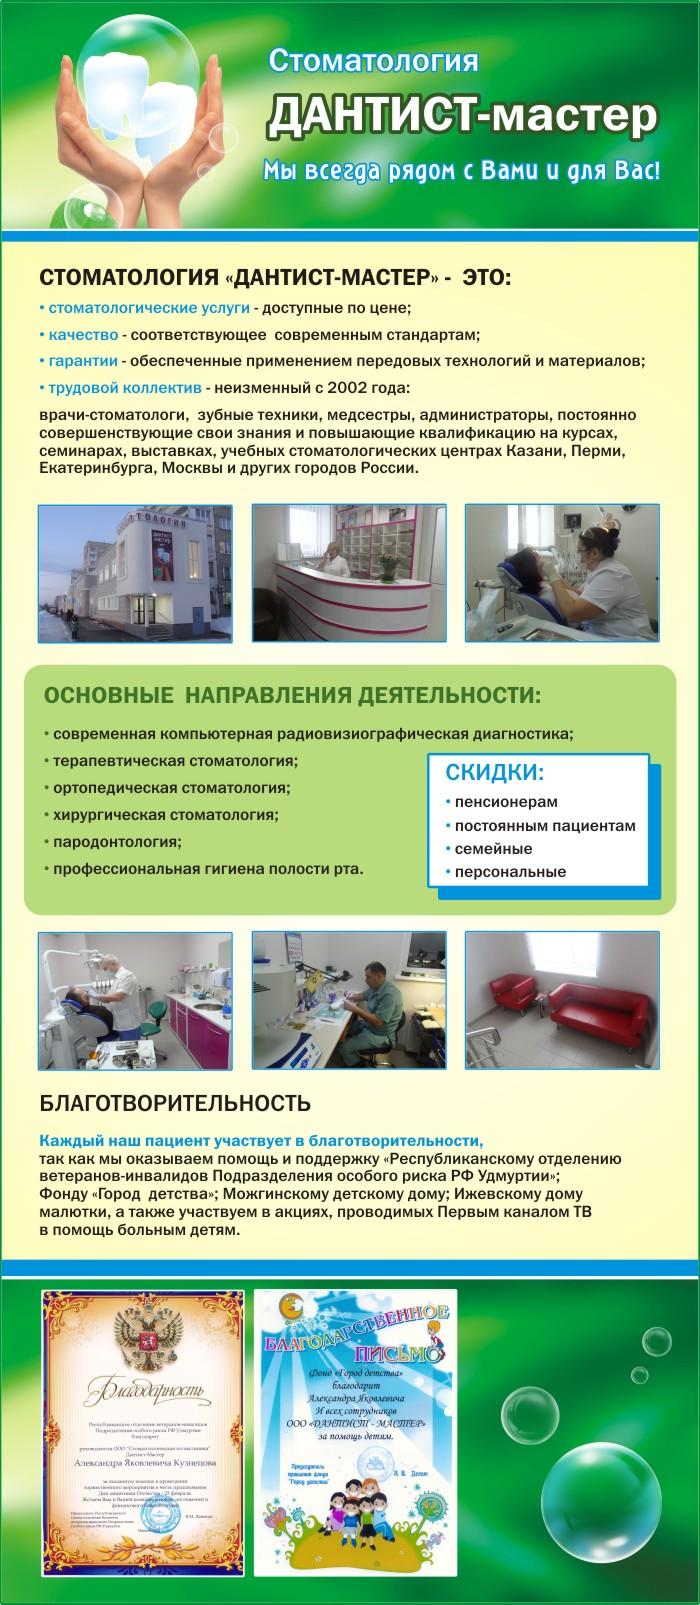 Все больницы нижнекамского района